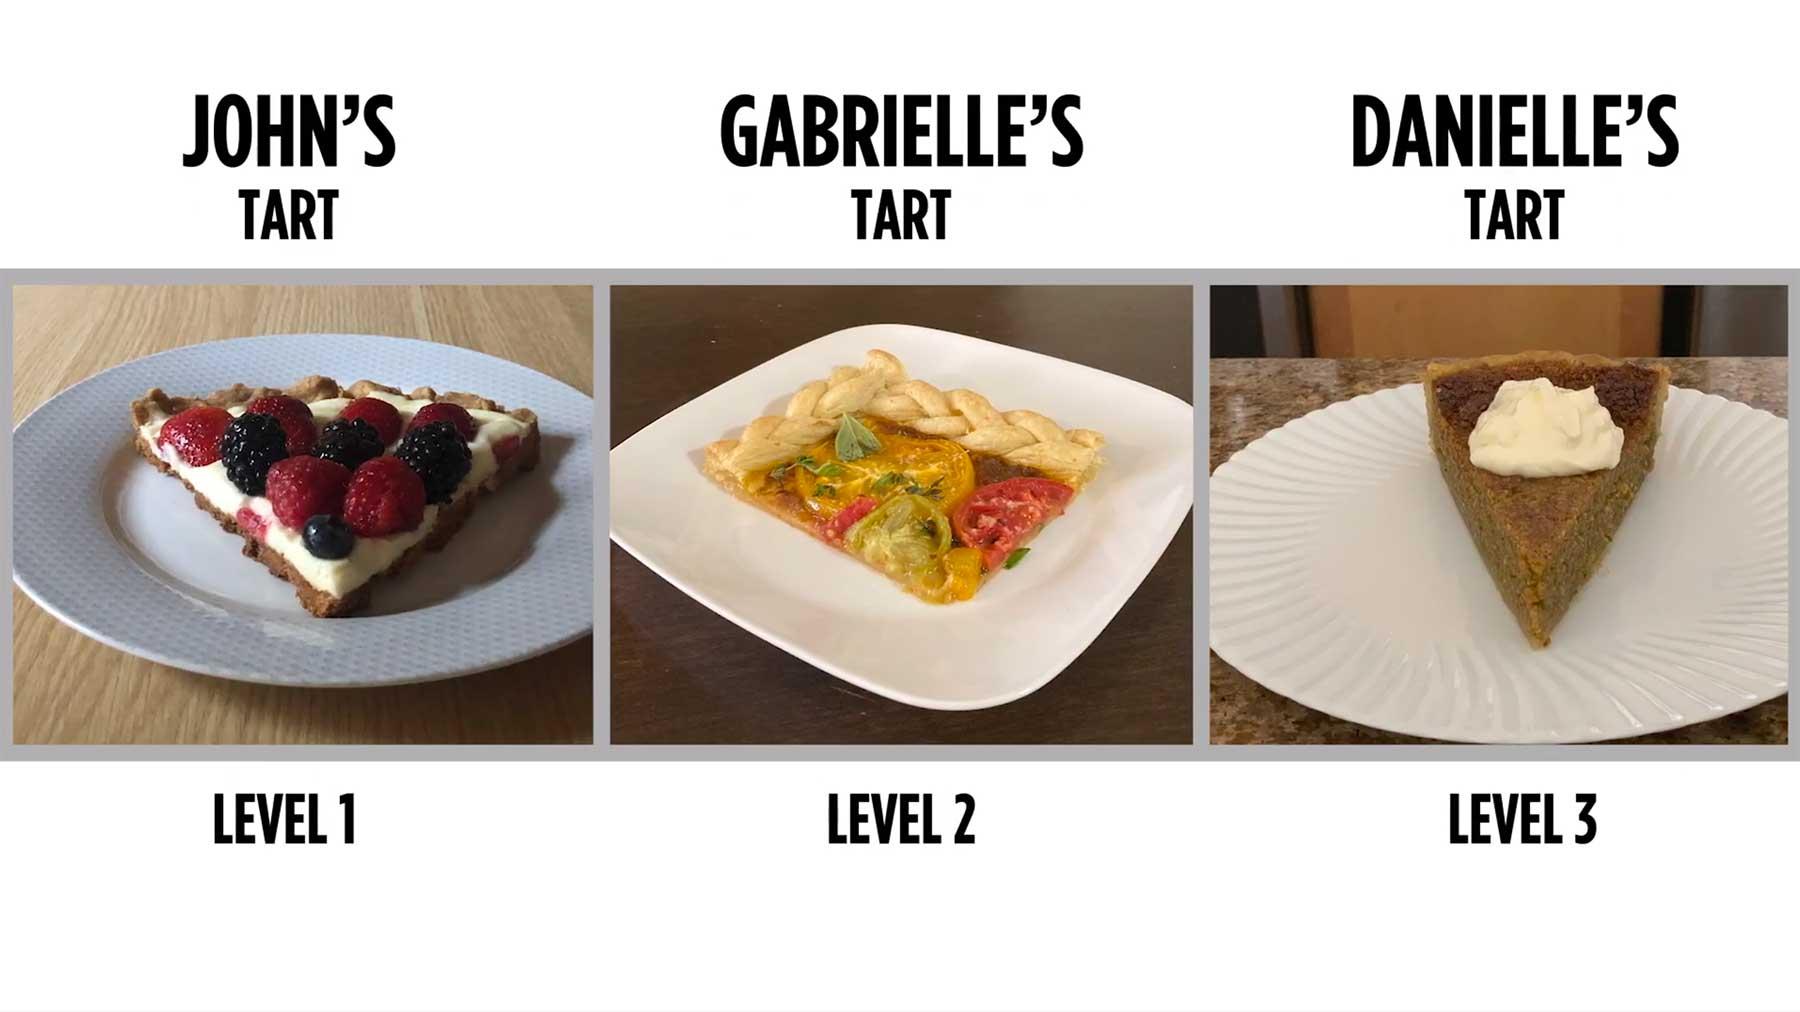 Köche unterschiedlicher Fähigkeitsstufen back Tarts